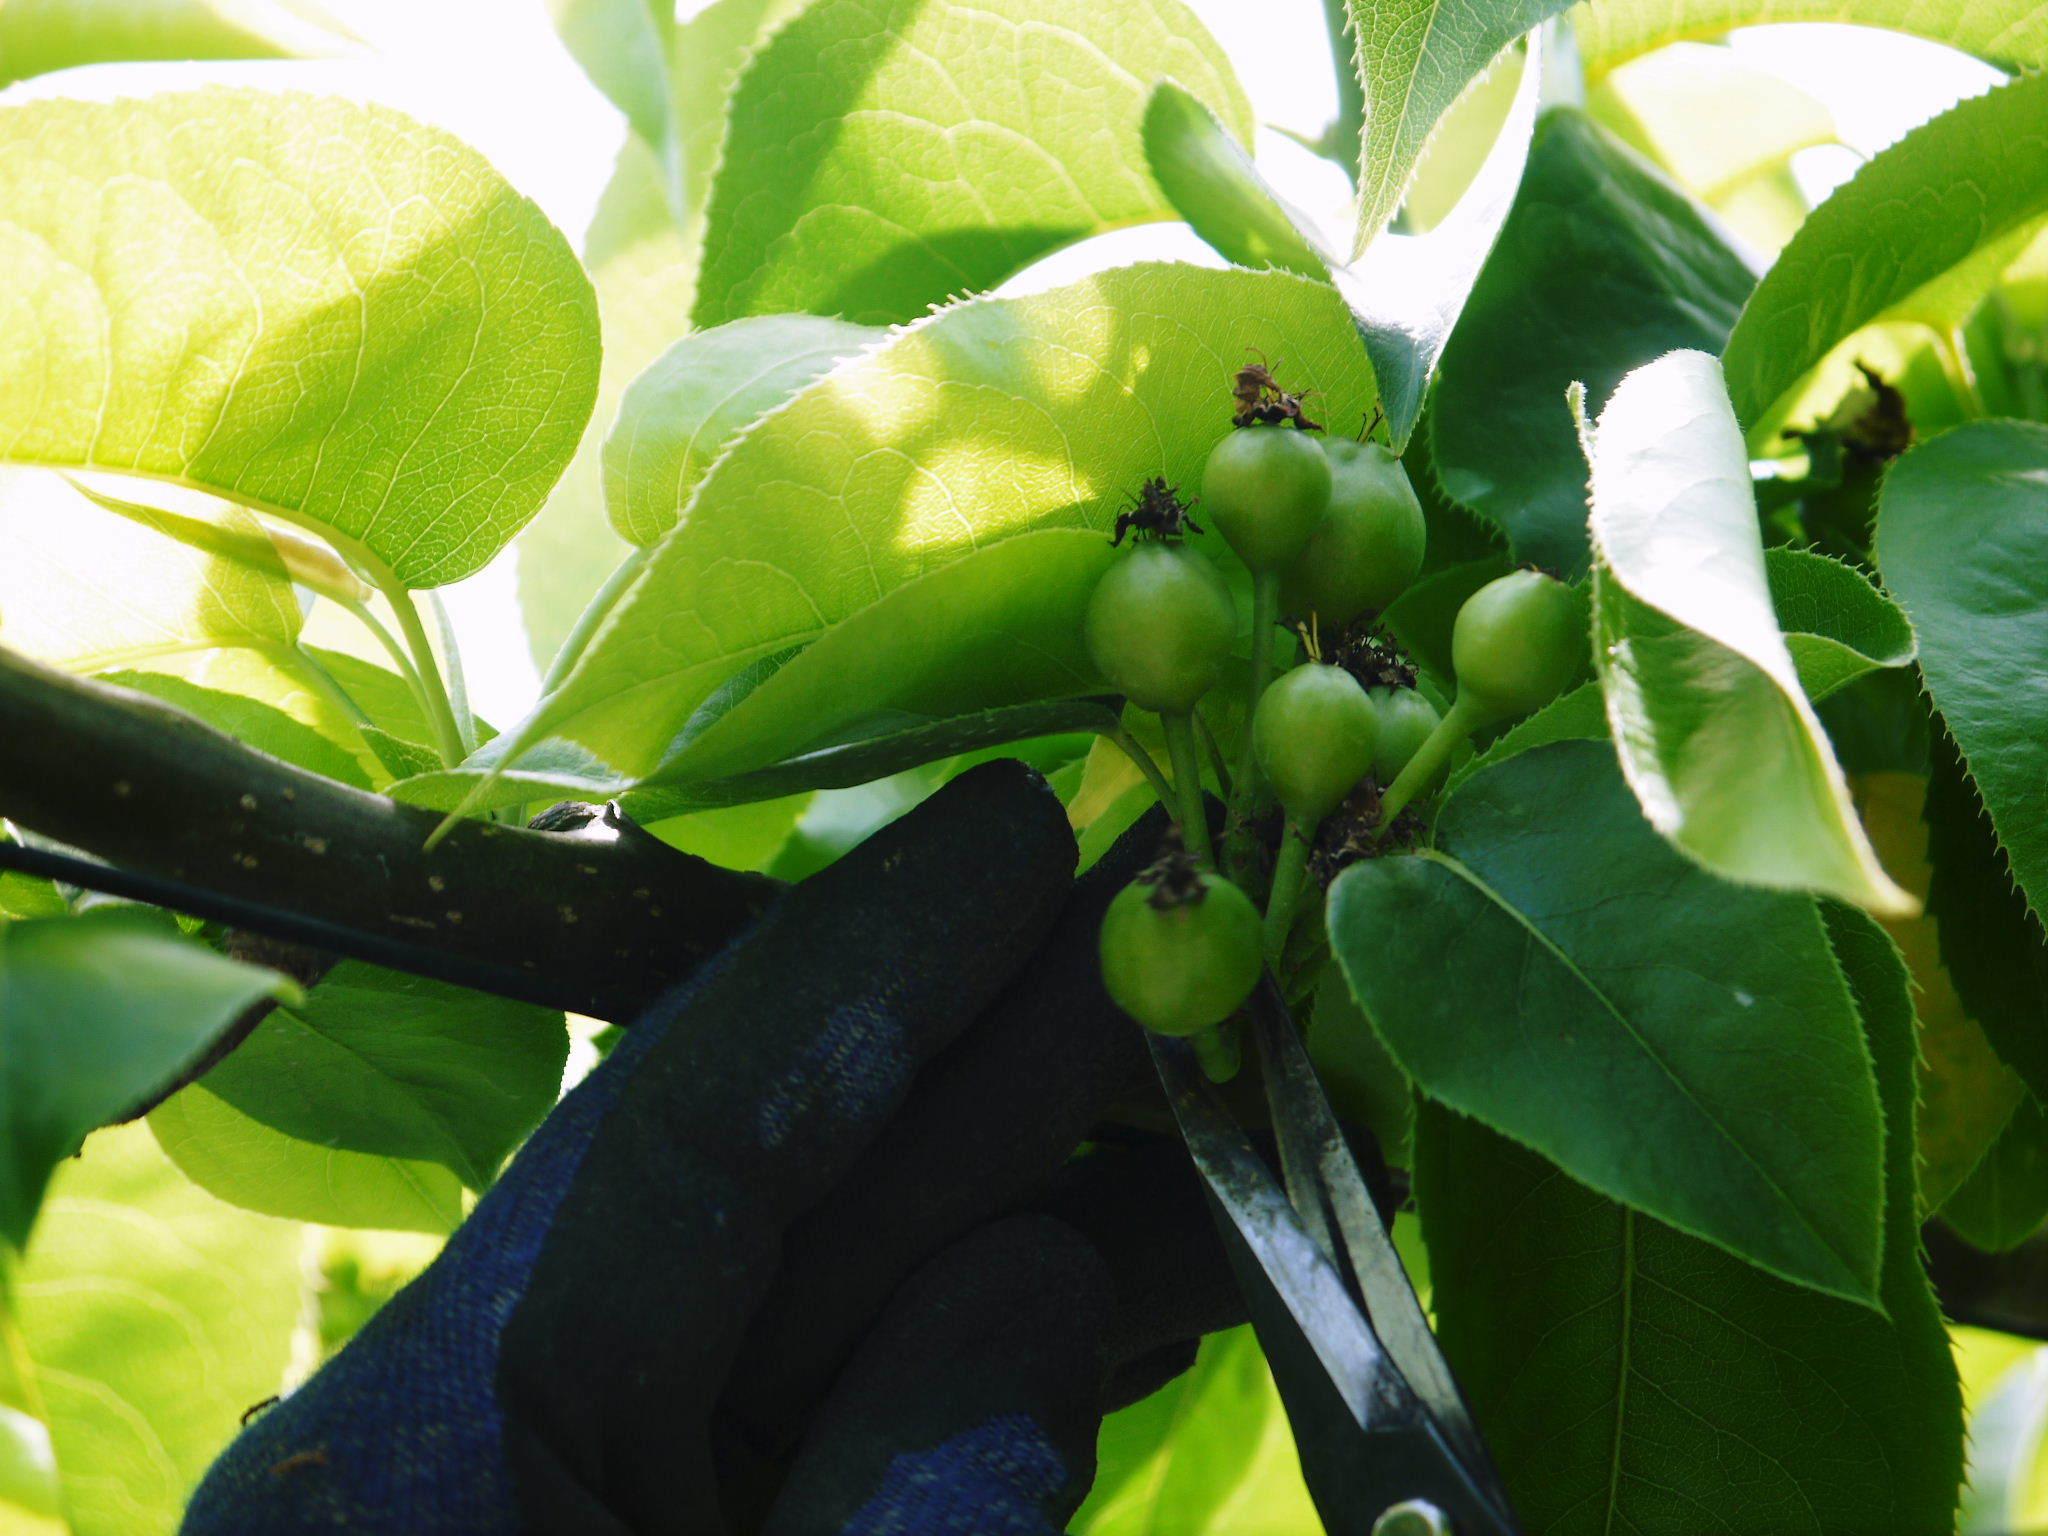 熊本梨 本藤果樹園 令和2年も7月下旬からの出荷に向け、匠の摘果作業がスタートしてます!_a0254656_18332584.jpg